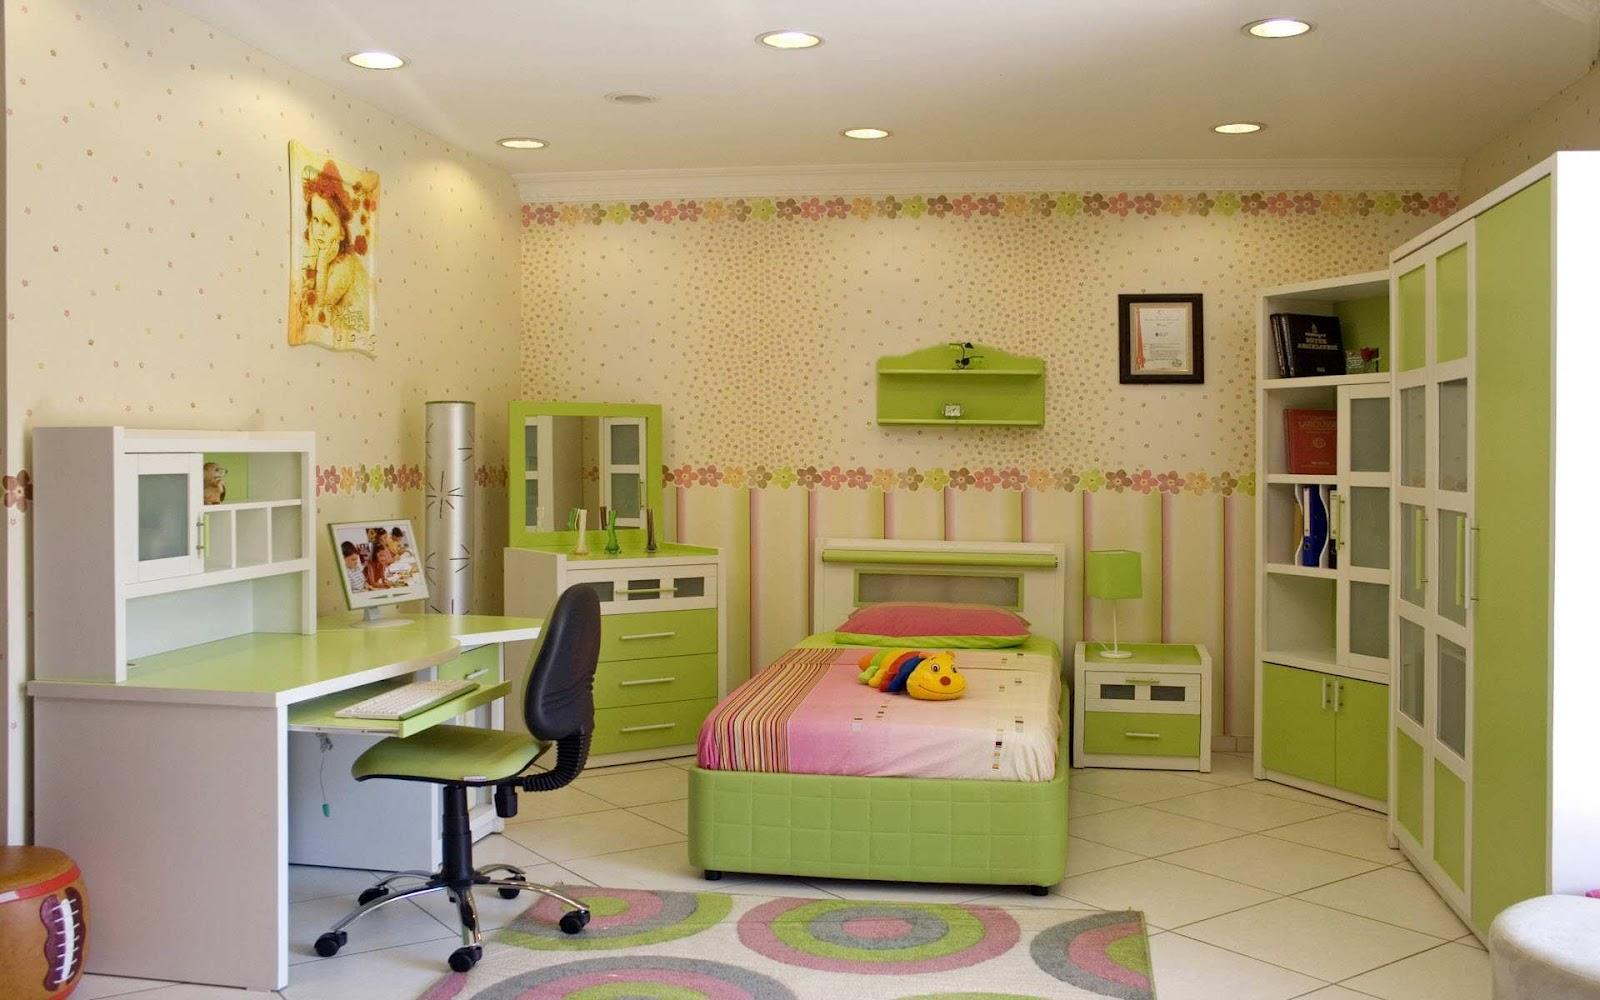 http://2.bp.blogspot.com/-DcwP9UqrRs4/UDySG7H33_I/AAAAAAAAChs/ieQg90vJDd8/s1600/Best-Kids-Room-home-Interior-Designs8.jpg